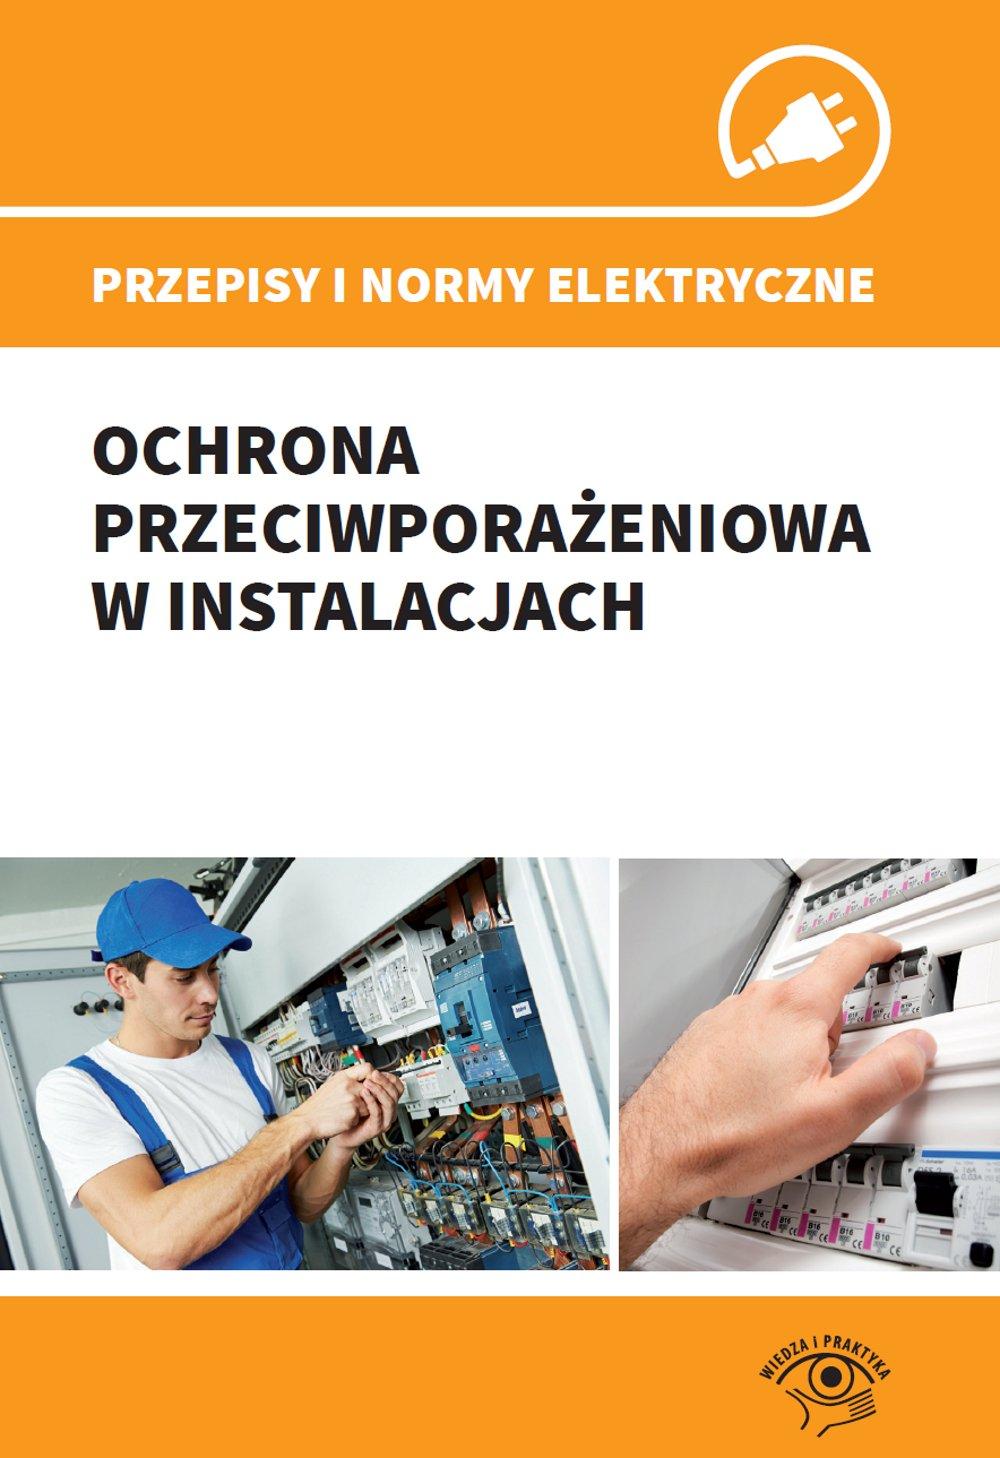 Przepisy i normy elektryczne - ochrona przeciwporażeniowa w instalacjach - Ebook (Książka na Kindle) do pobrania w formacie MOBI